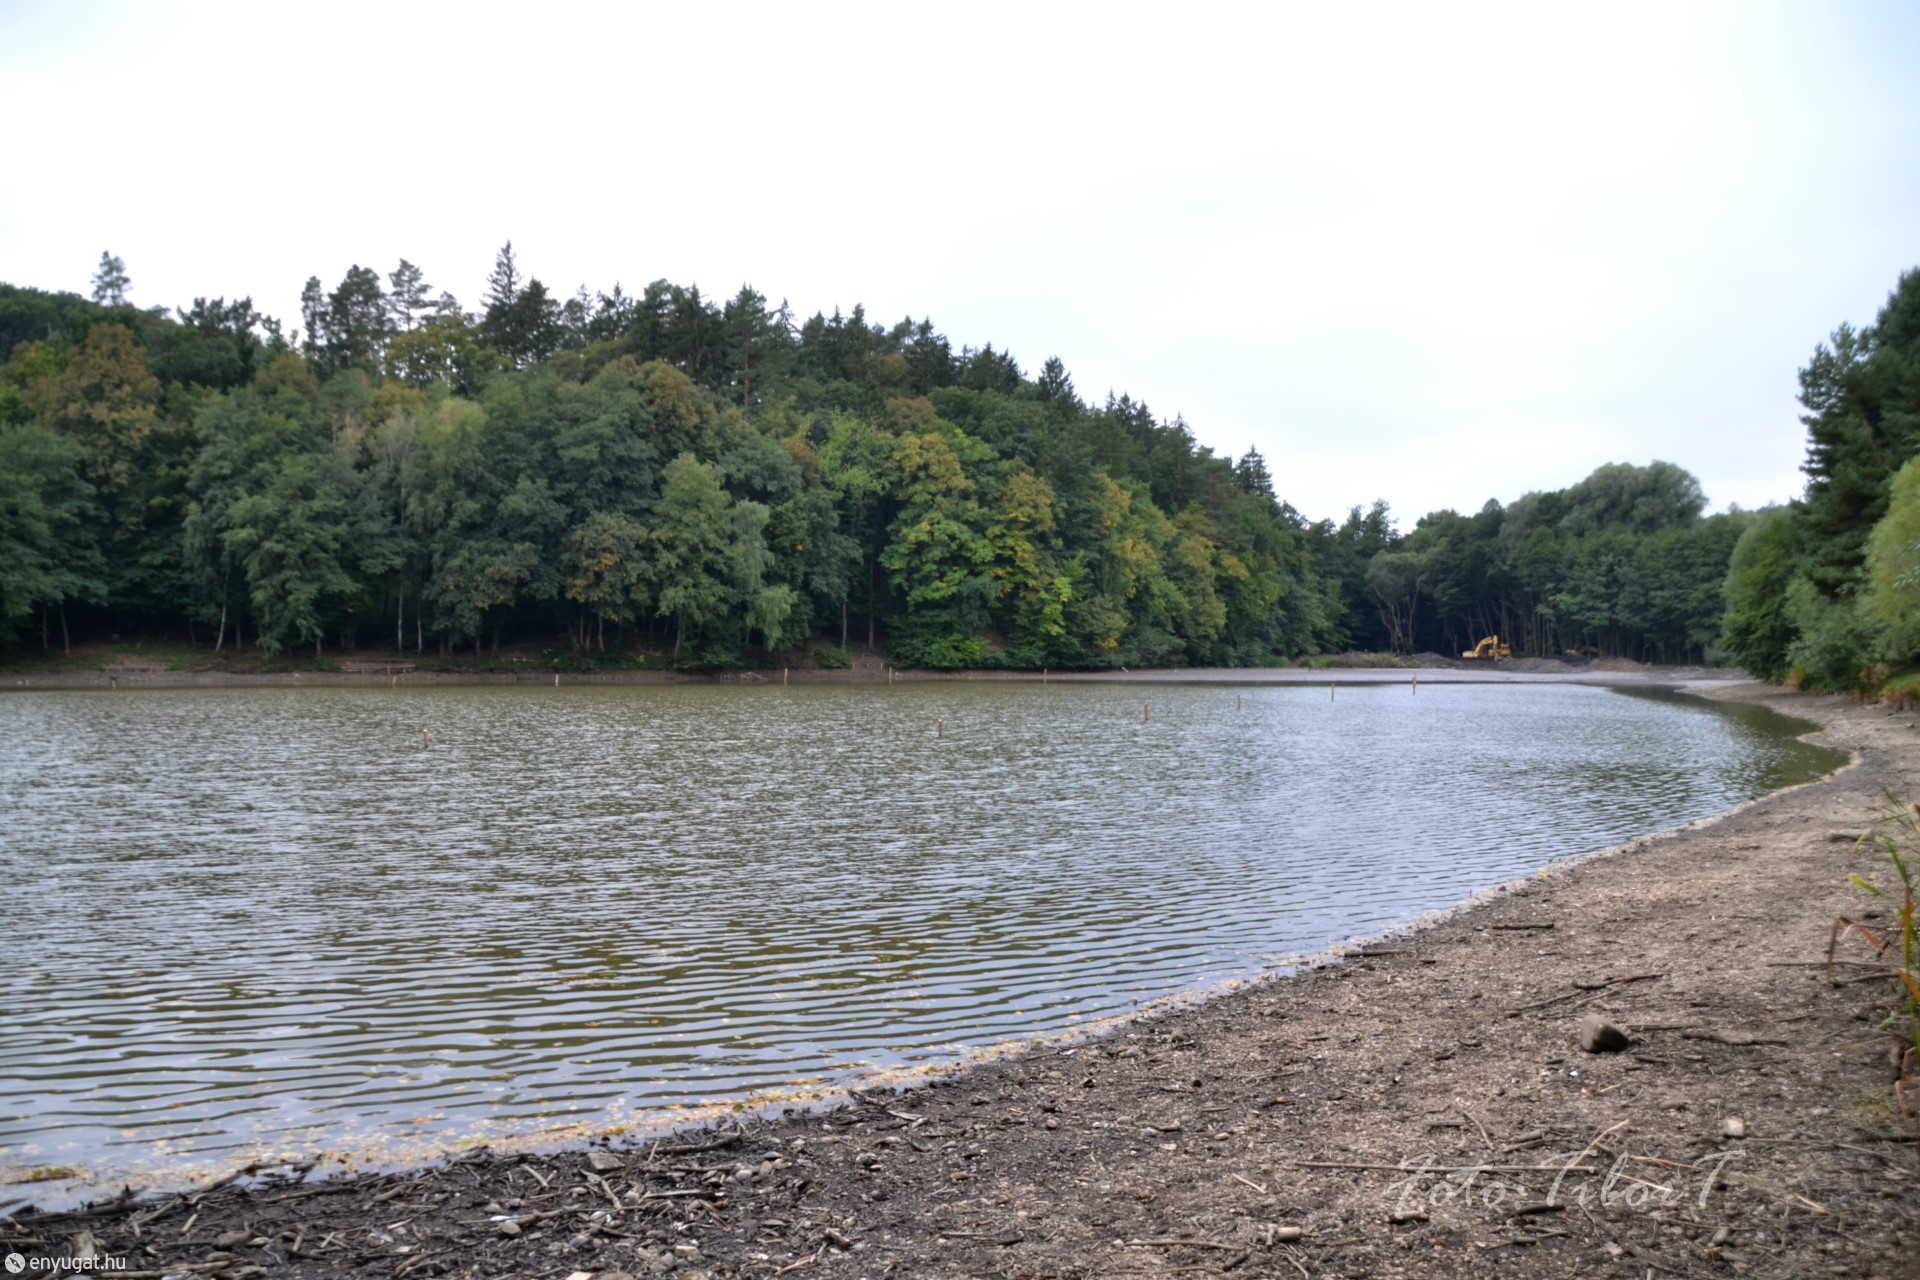 Fehér úti tó kotrása miatt most alacsonyabb a víz szintje.